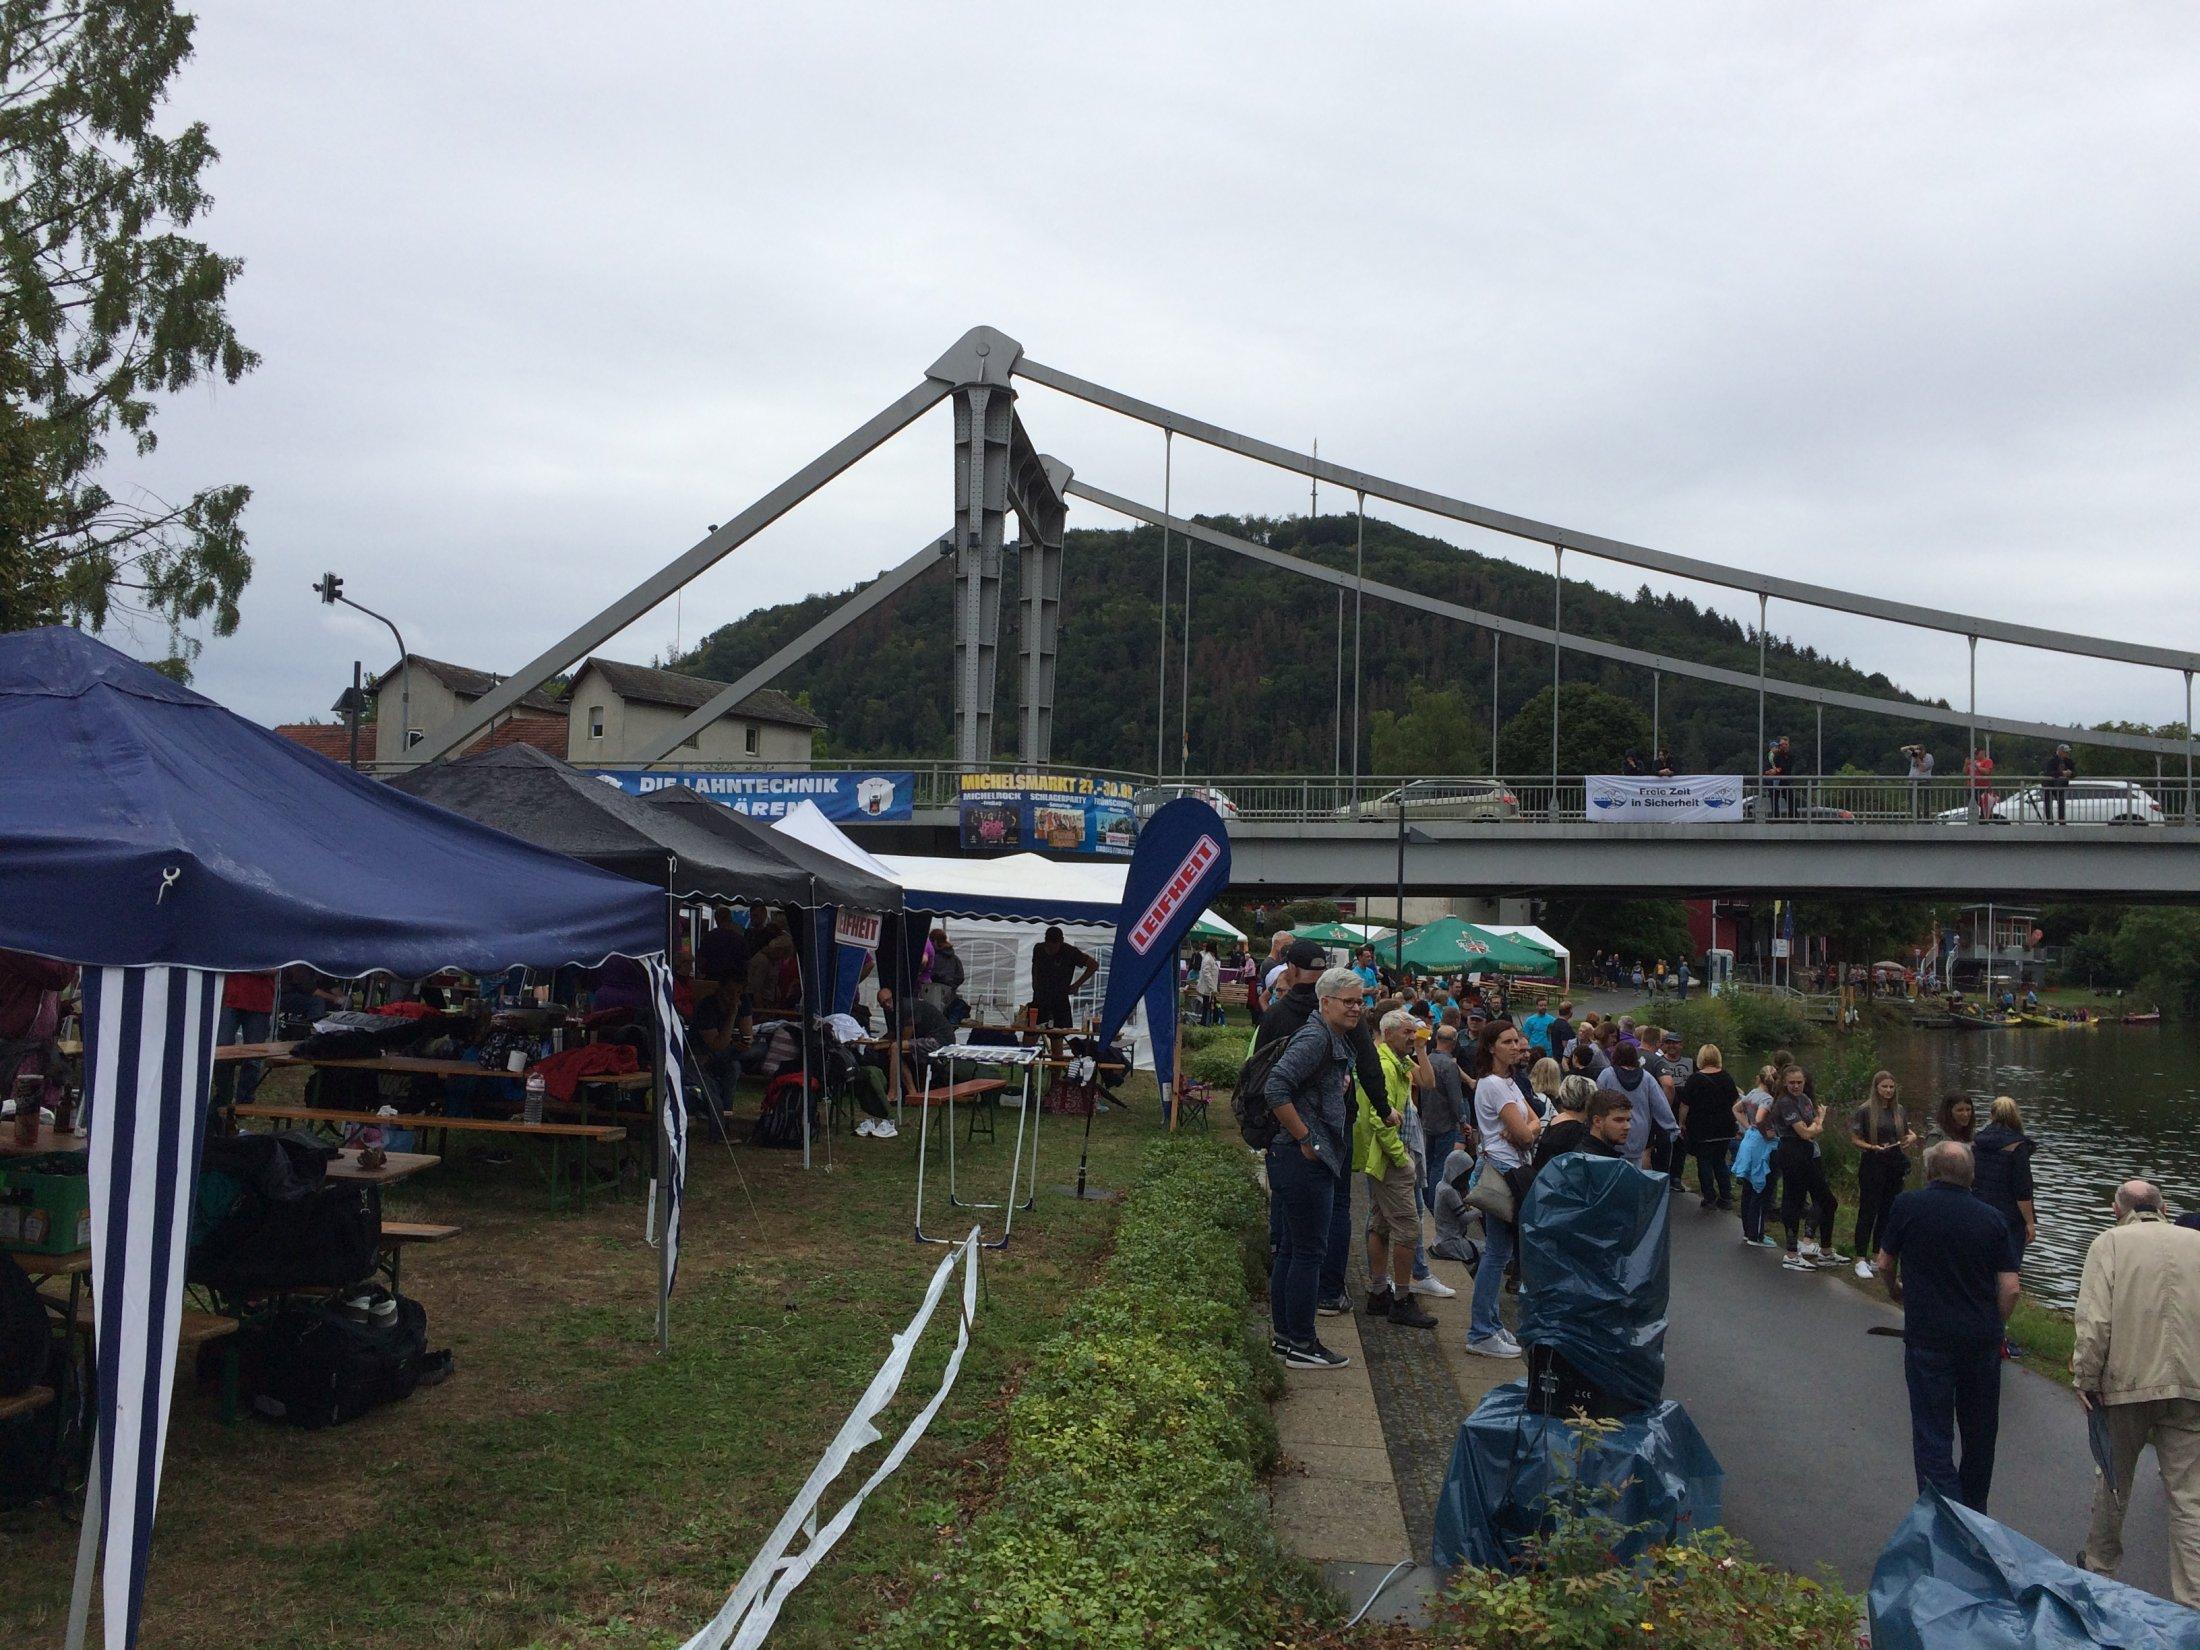 Zieleinlauf unter der Brücke